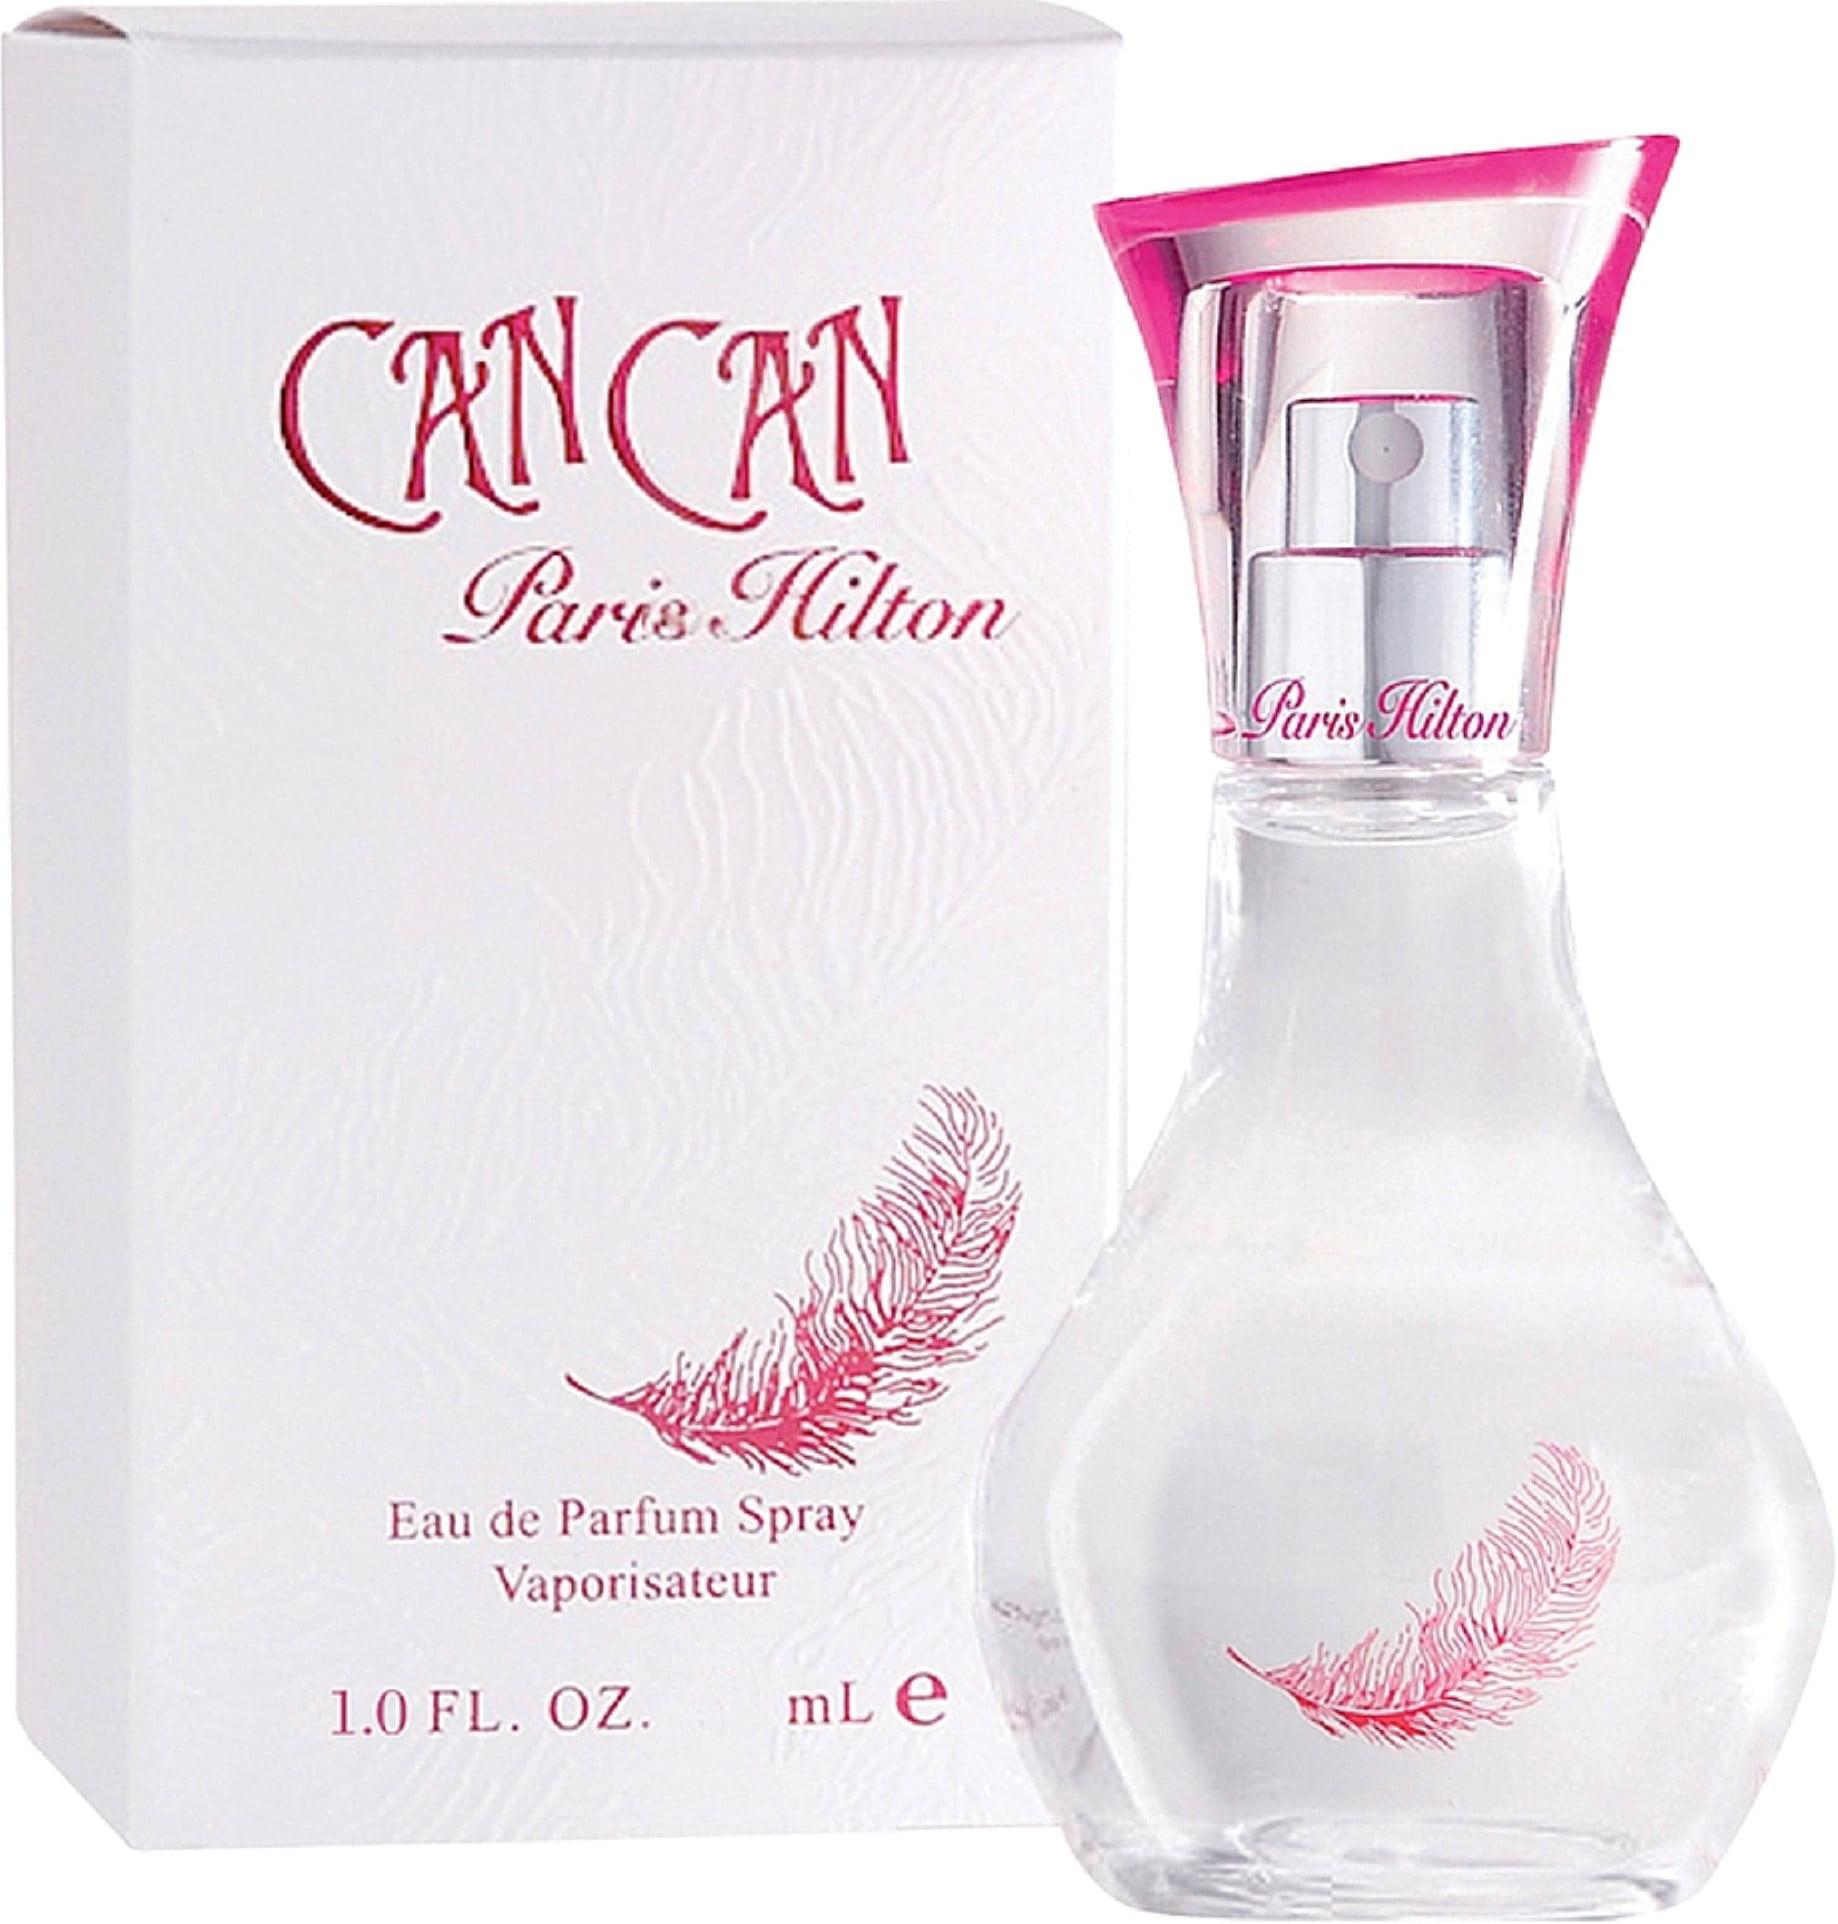 Paris Hilton Can Can Eau de Parfum Spray, 1 fl oz